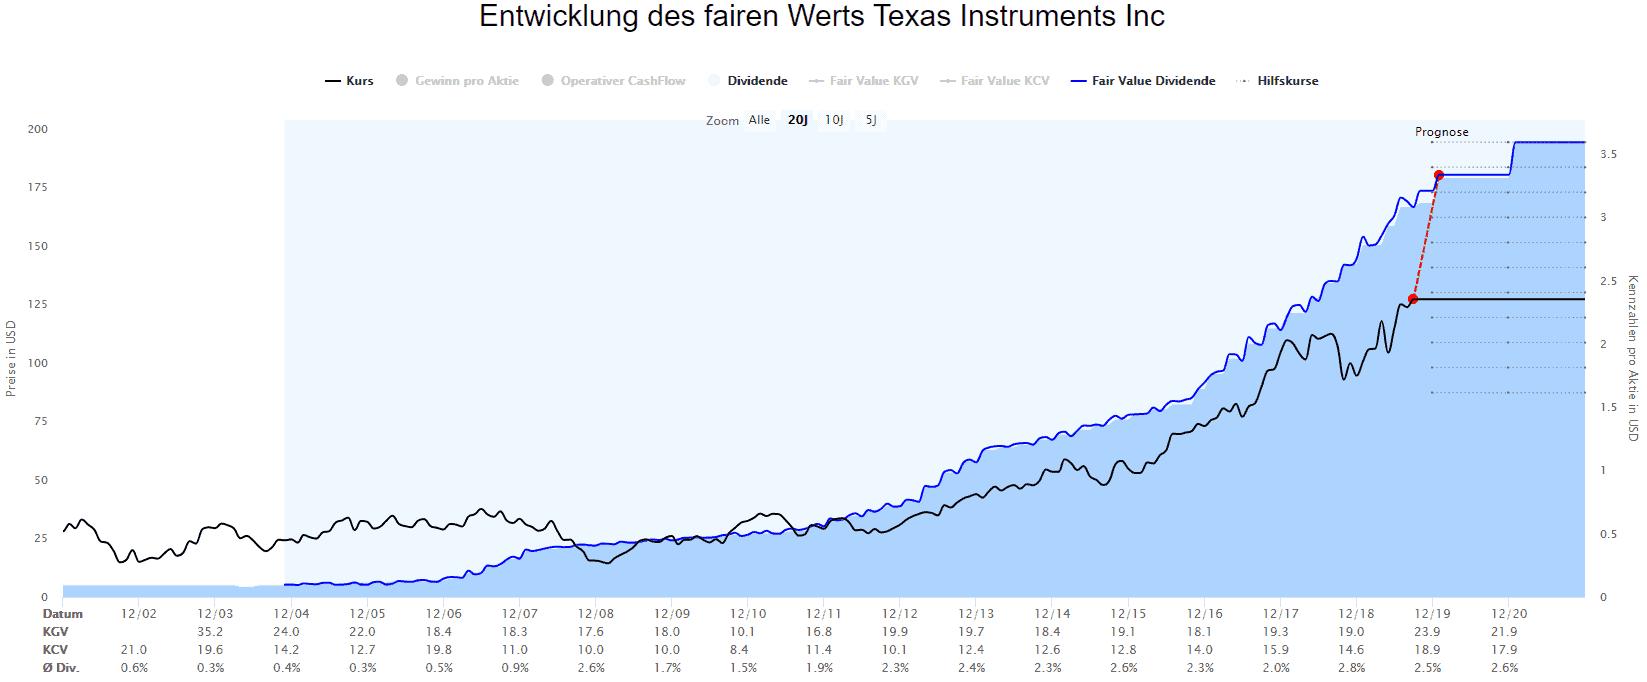 Berechnungen des fairen Werts Dividende für Texas Instruments